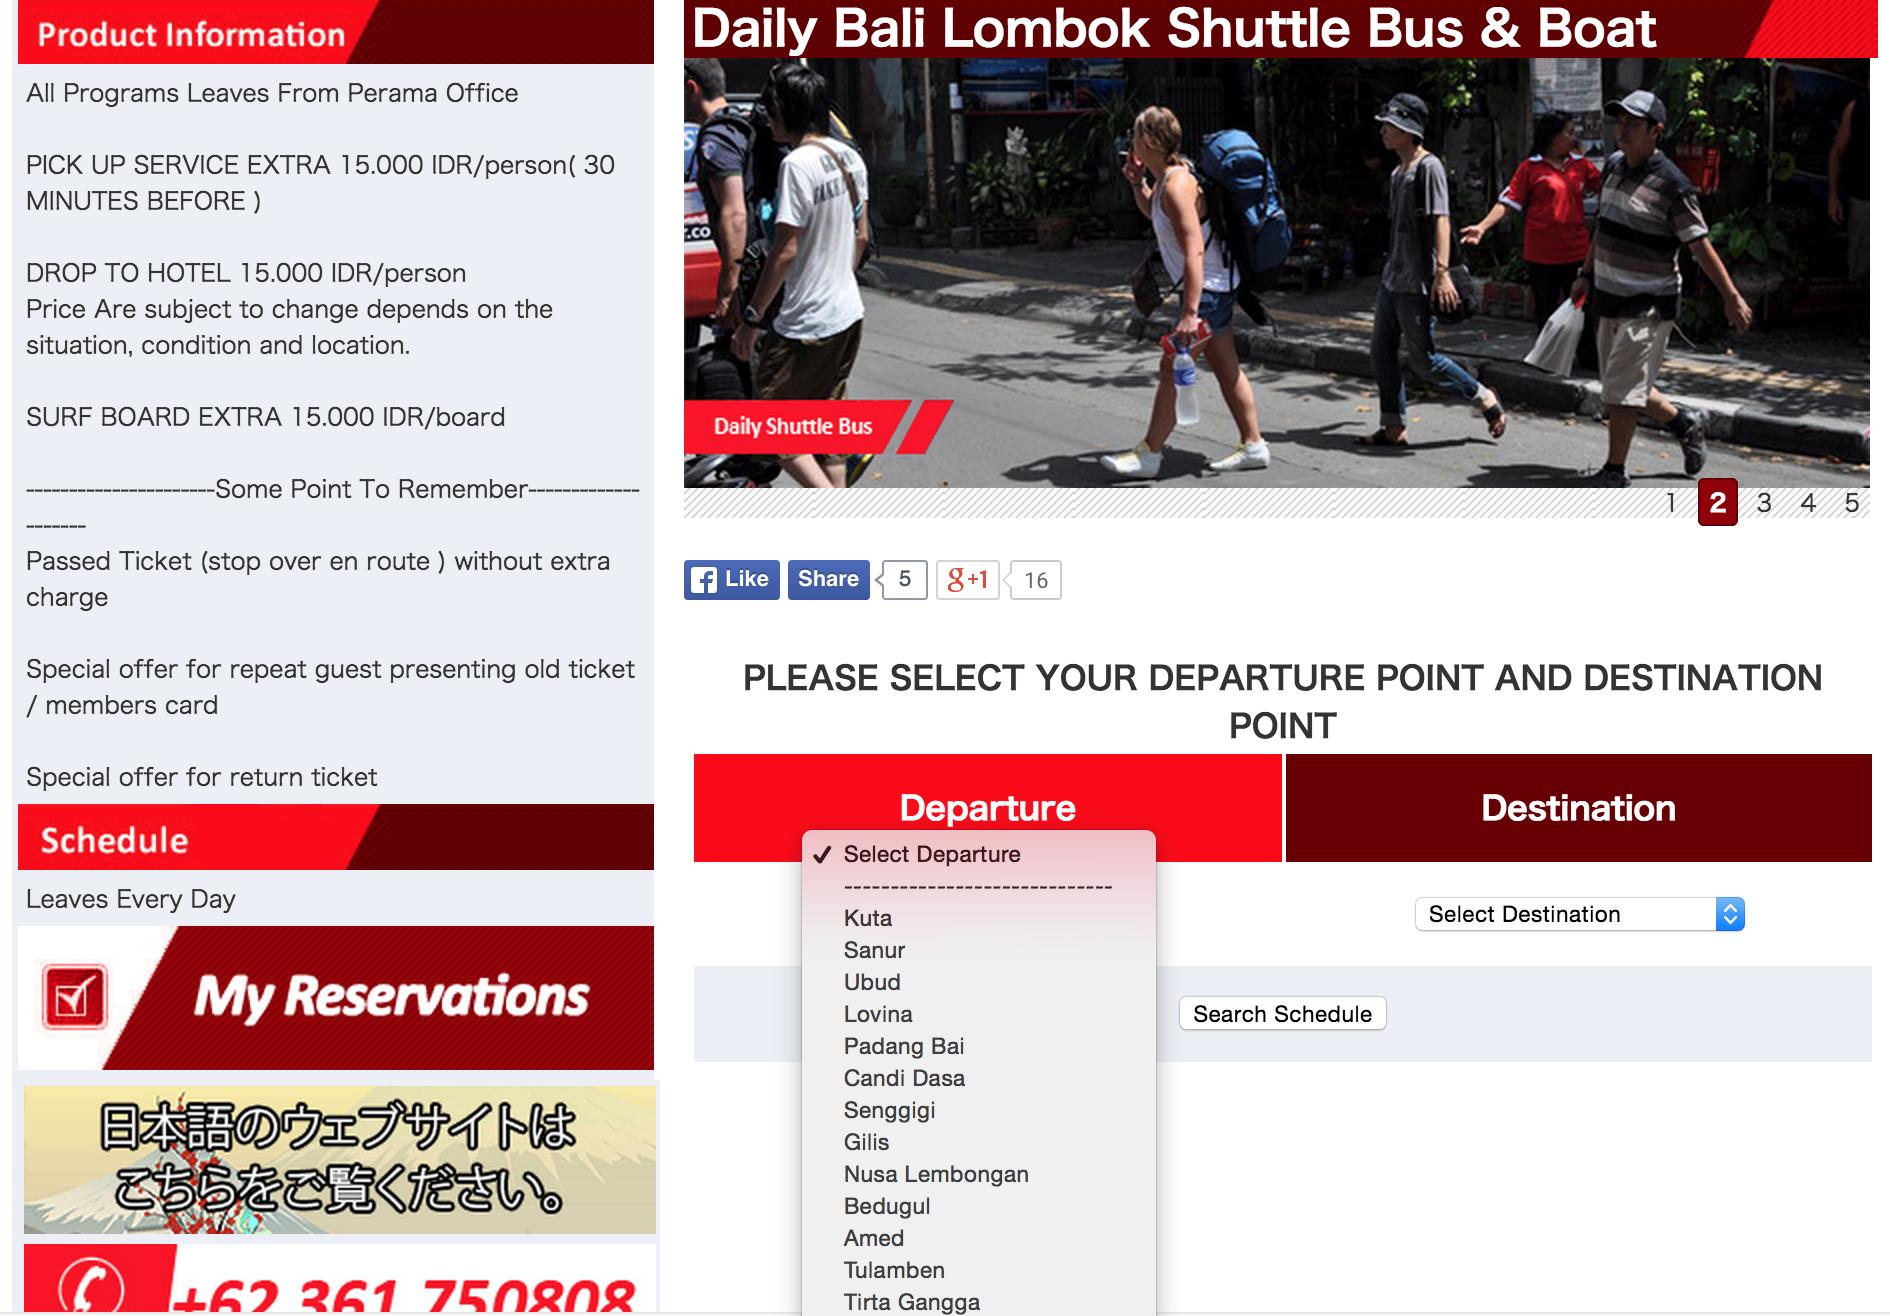 プラマバスのWebサイト。空港に行く便はあるが、空港から他エリアに行く便は無い。